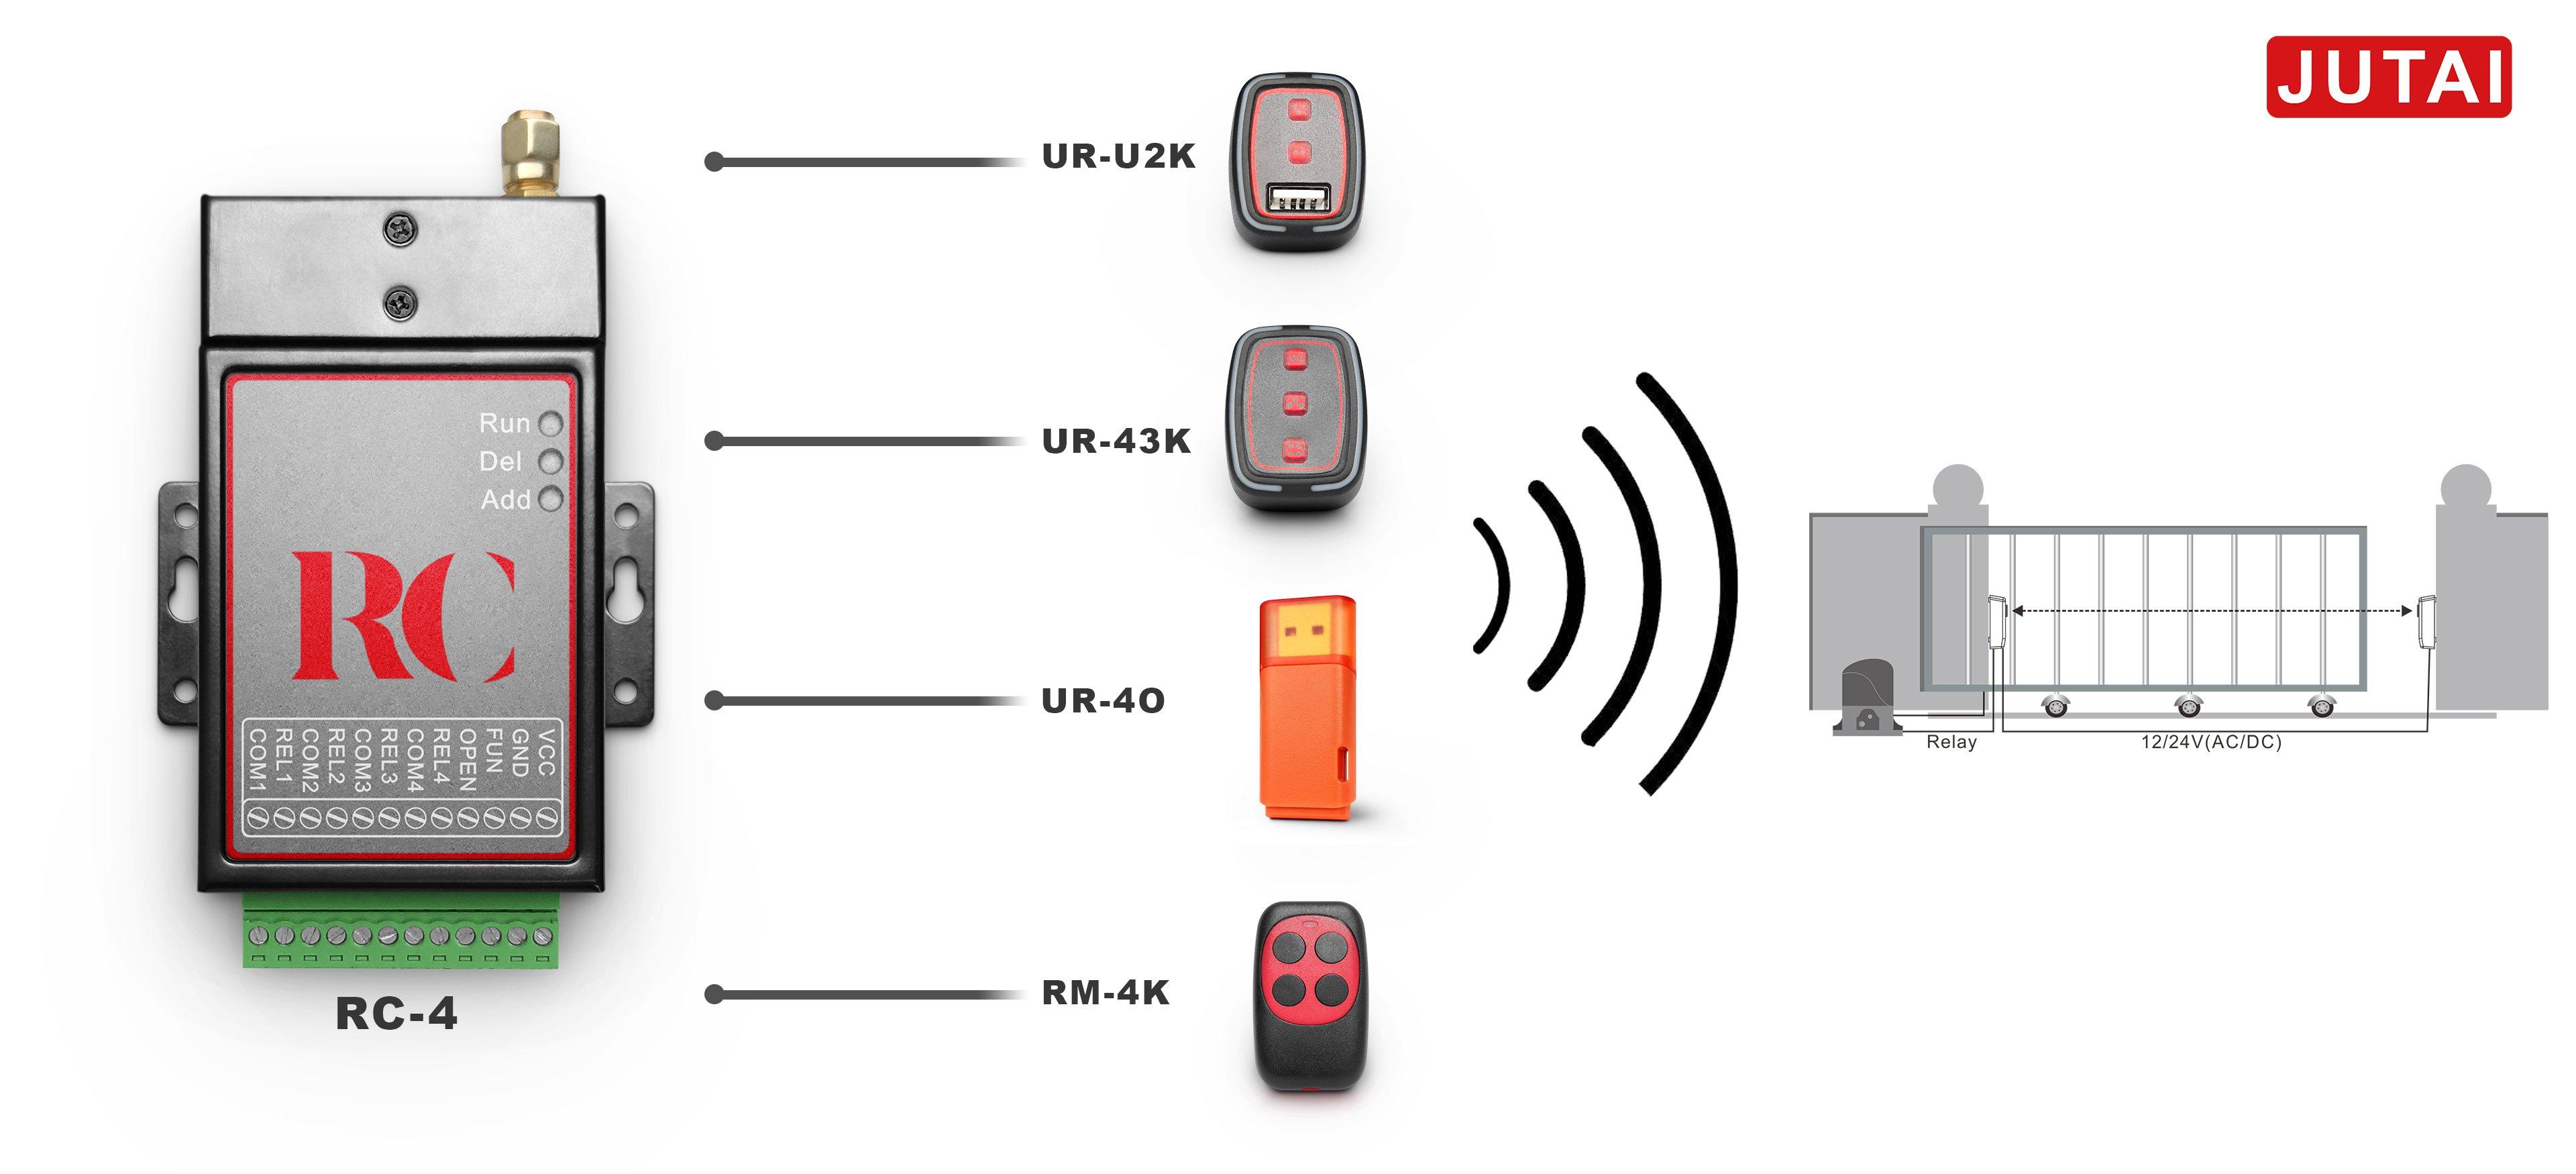 Commande à distance du système d'ouverture automatique de porte Gatelink